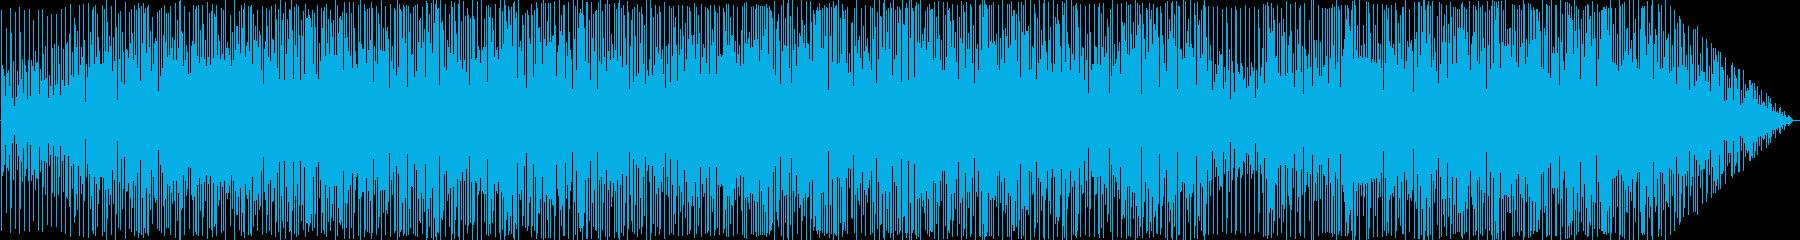 のんびりしたフュージョンの再生済みの波形